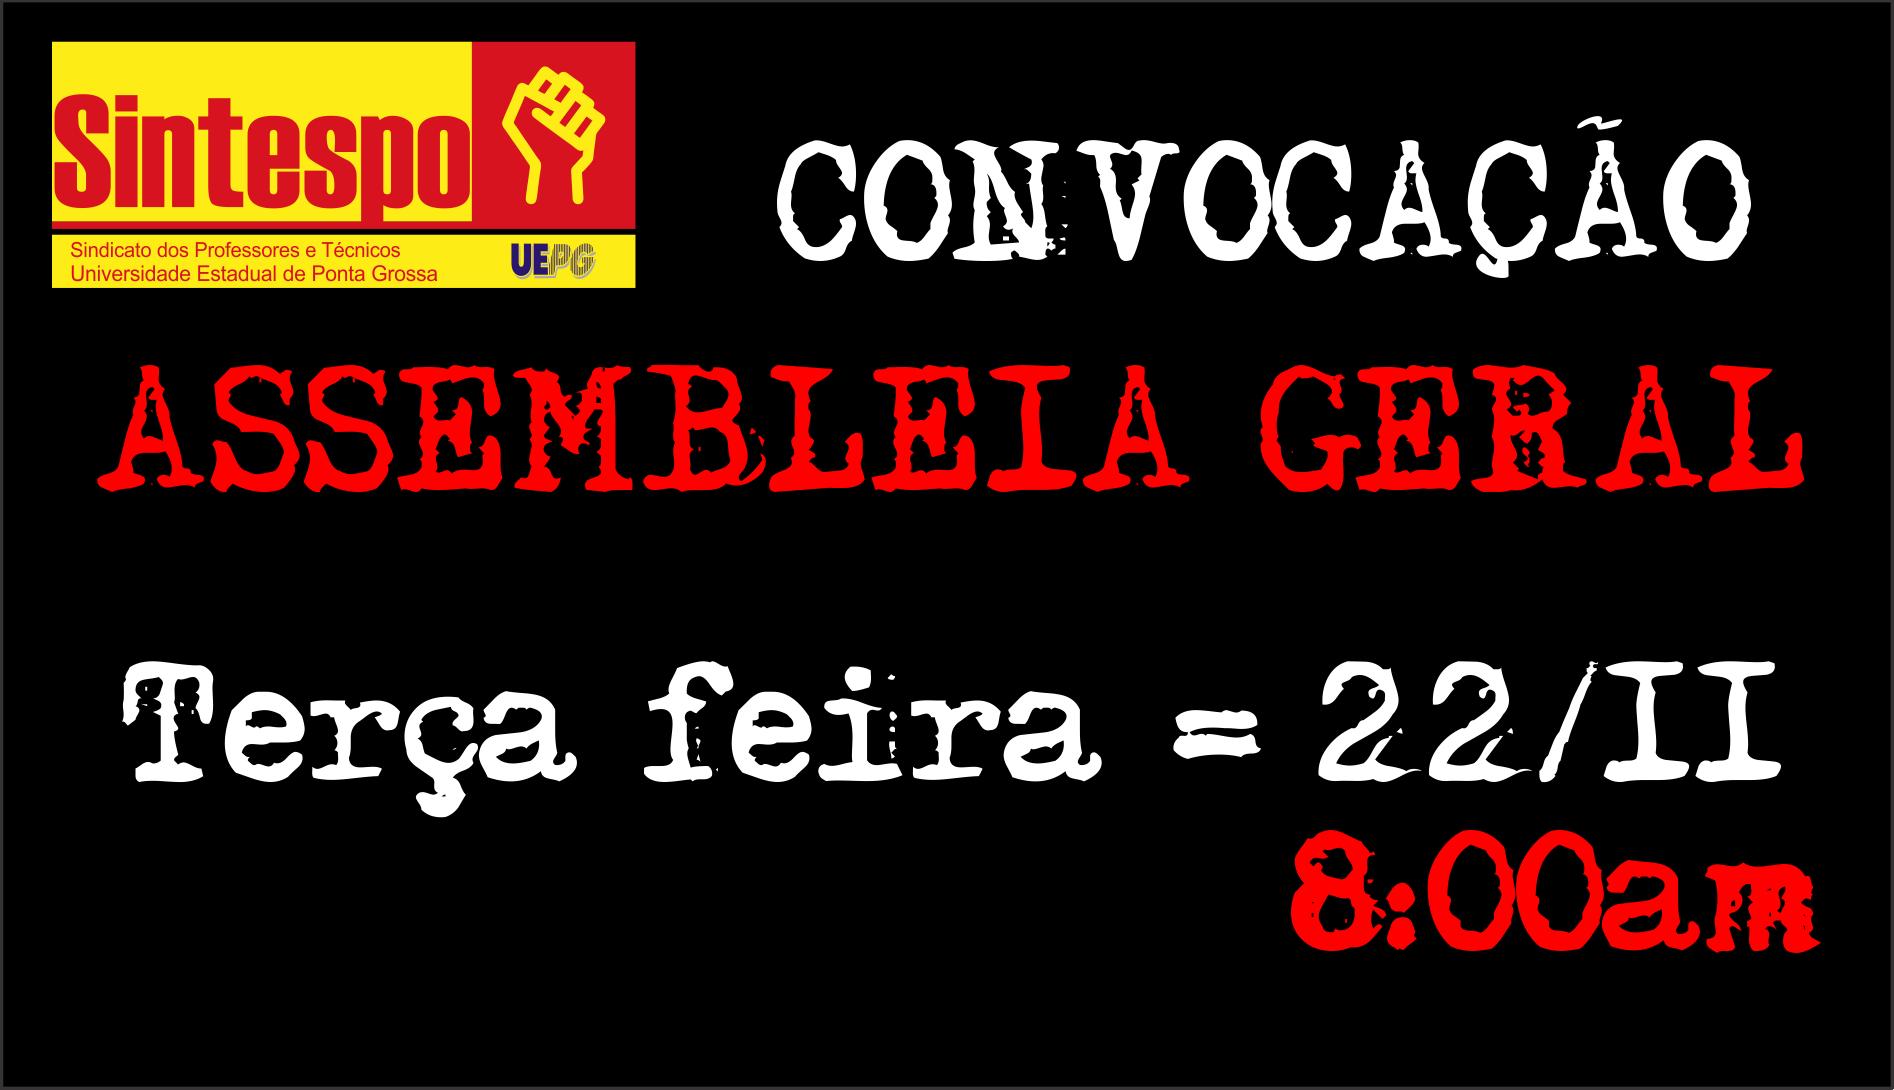 CONVOCAÇÃO: ASSEMBLEIA GERAL 22/11